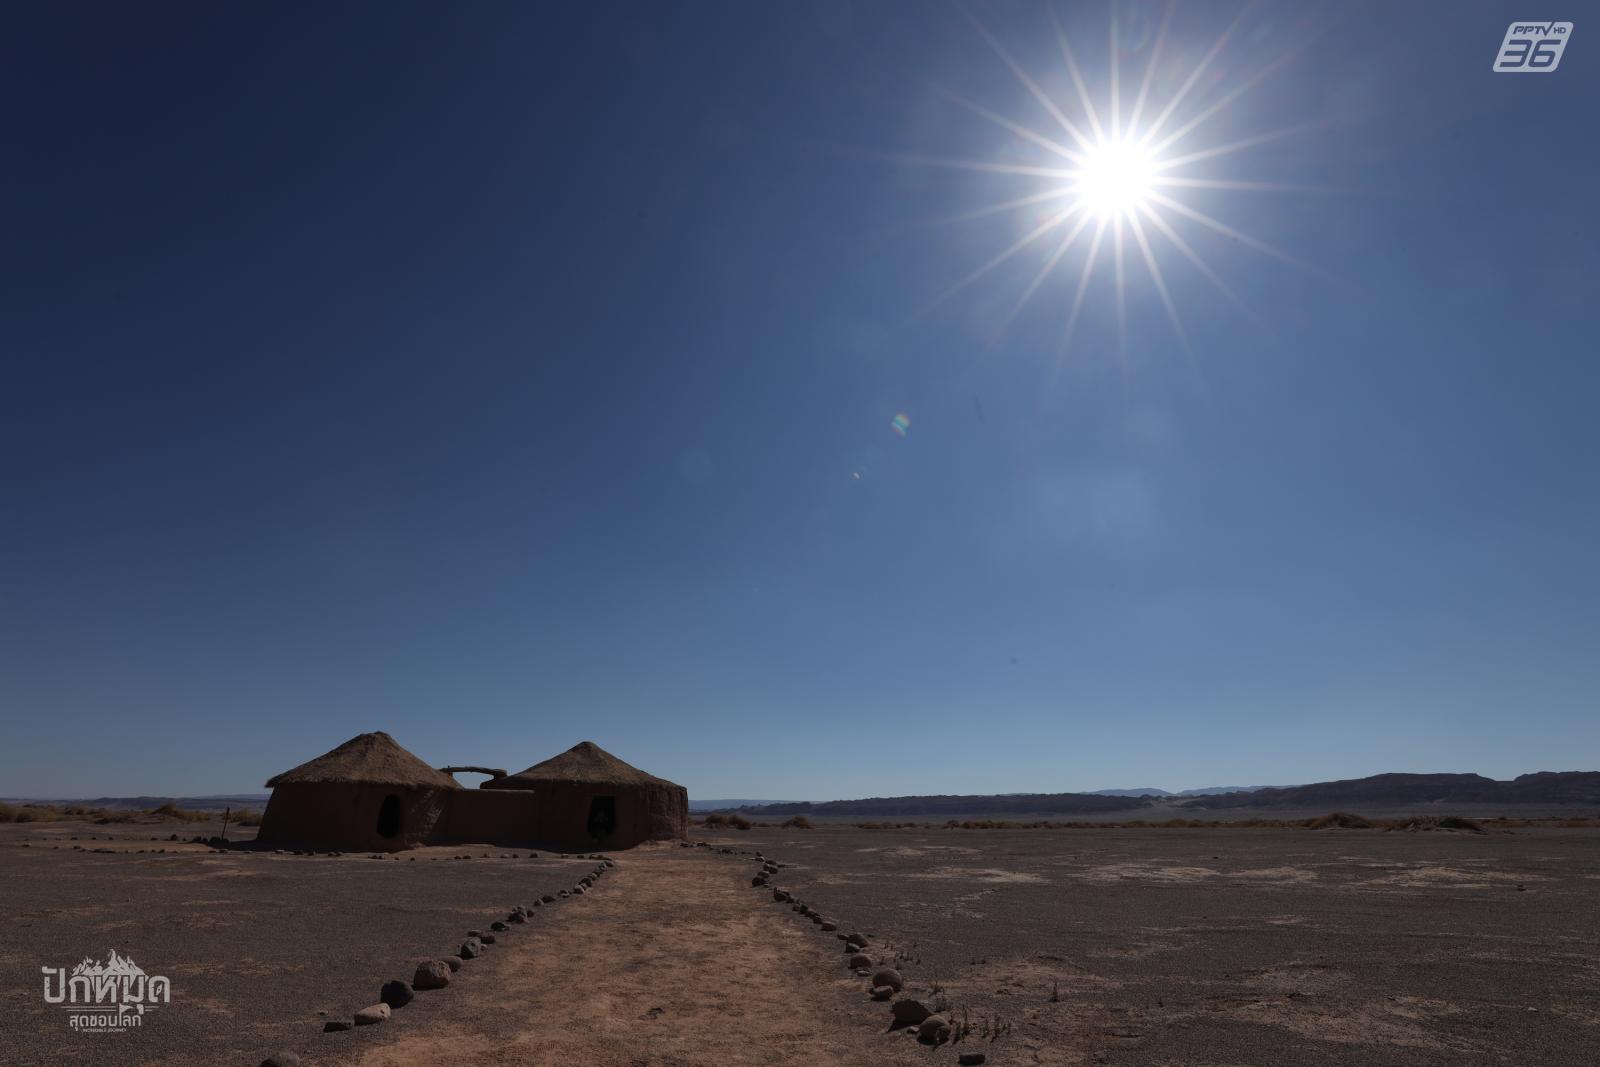 คน ในถิ่นทะเลทราย กลางแผ่นดินที่ขึ้นชื่อว่าแห้งแล้งที่สุดในโลก